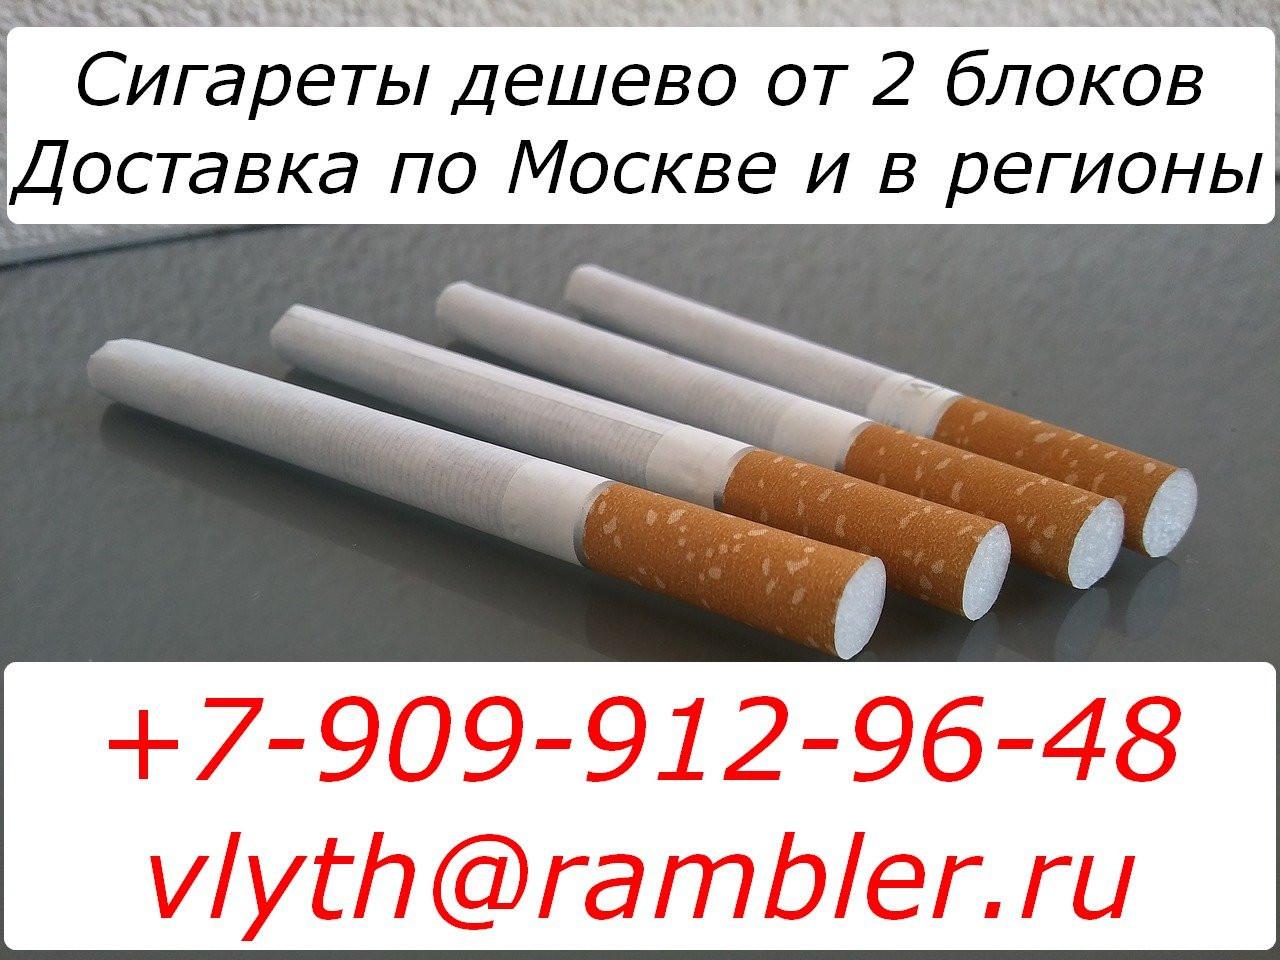 Сигареты тройка дешево опт купит эл сигареты оптом